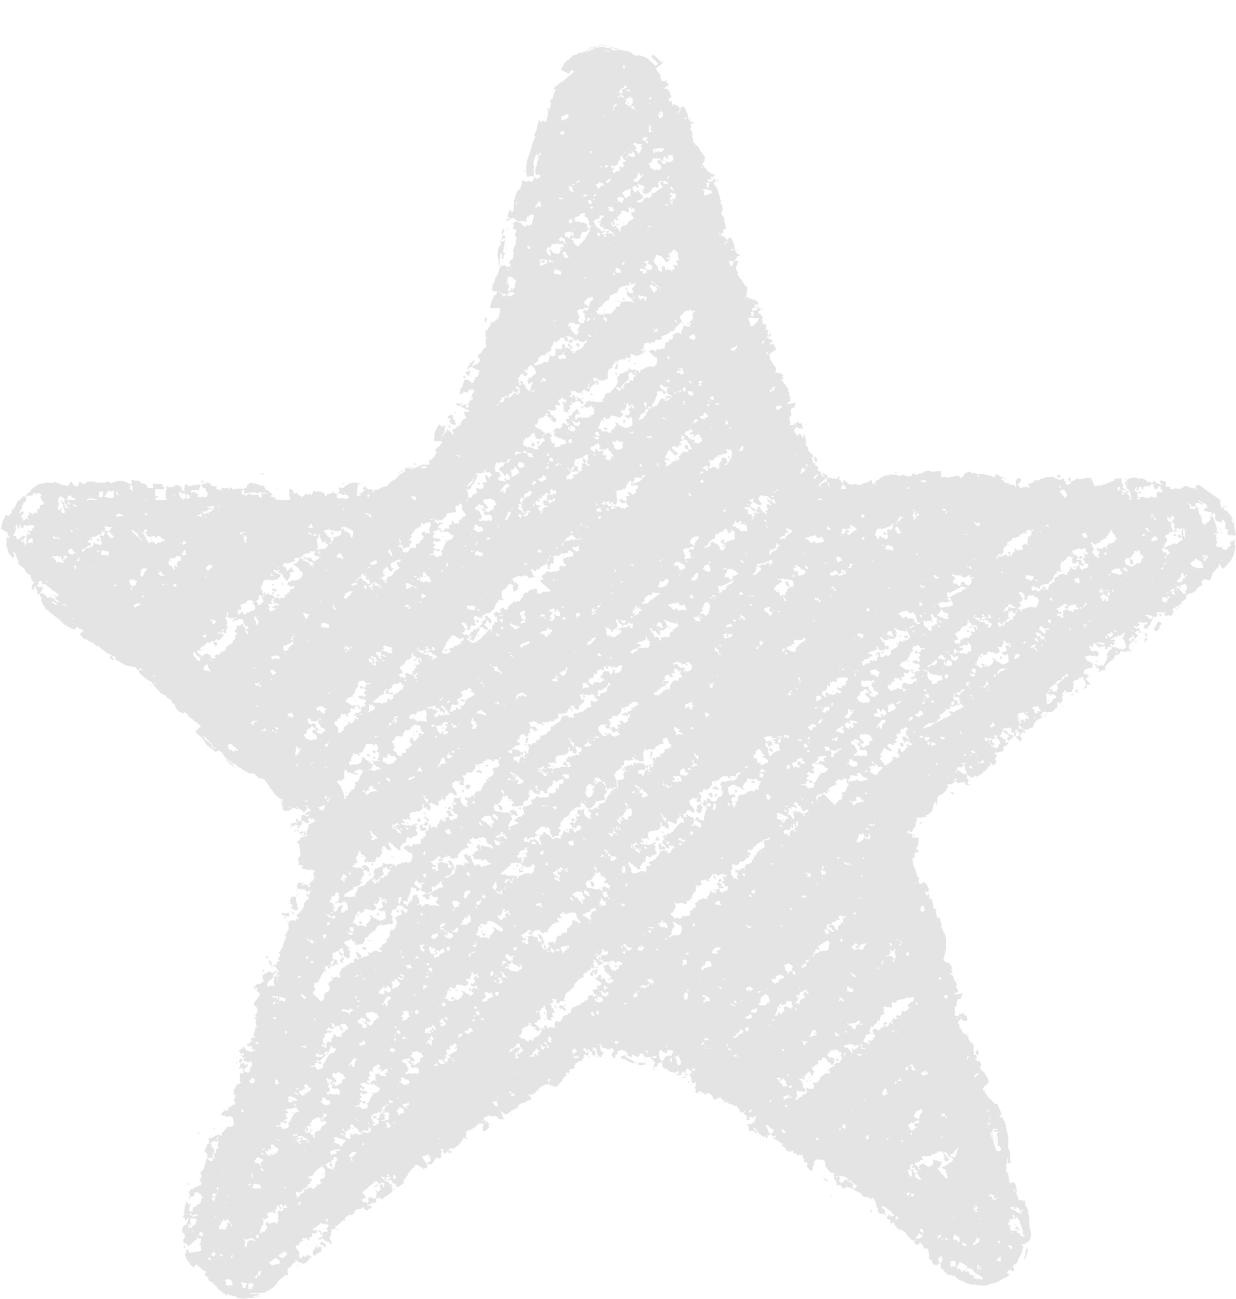 クレヨン塗り背景 パステル ねずみ色 新(グレー)星のイラスト star_gray